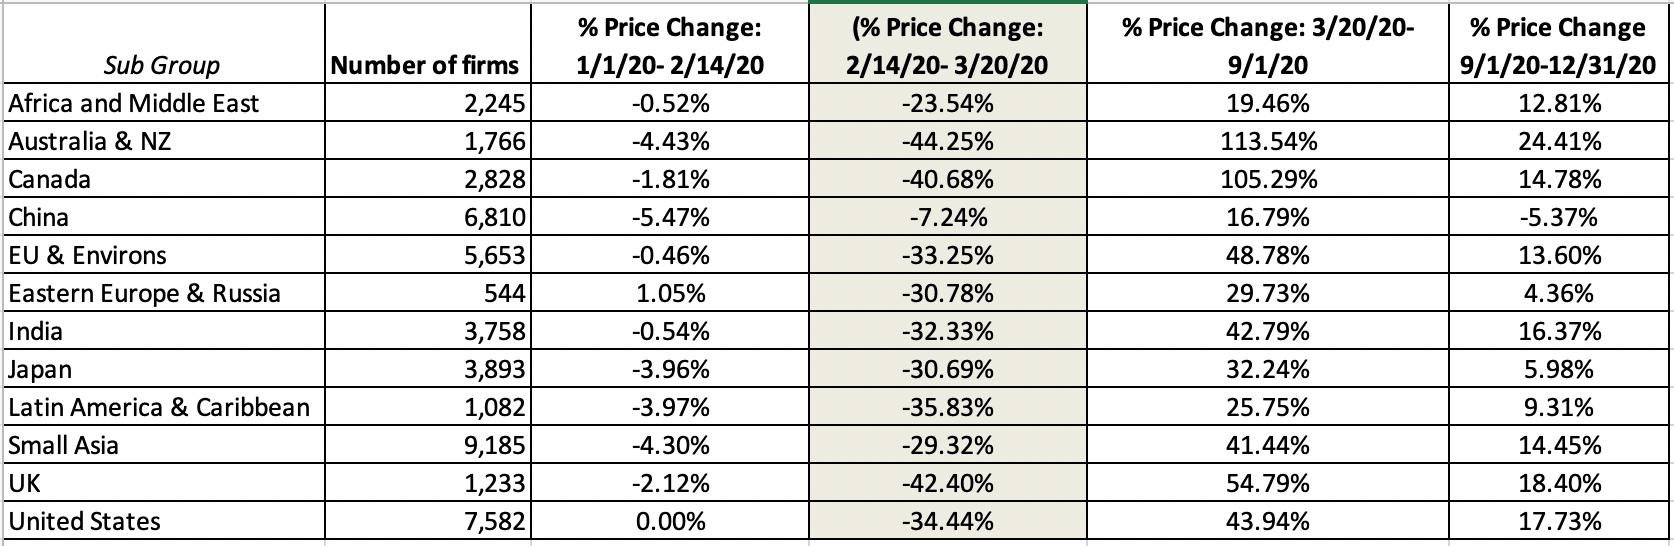 Таблица процентного выражения изменений рыночной капитализации под влиянием Covid-19